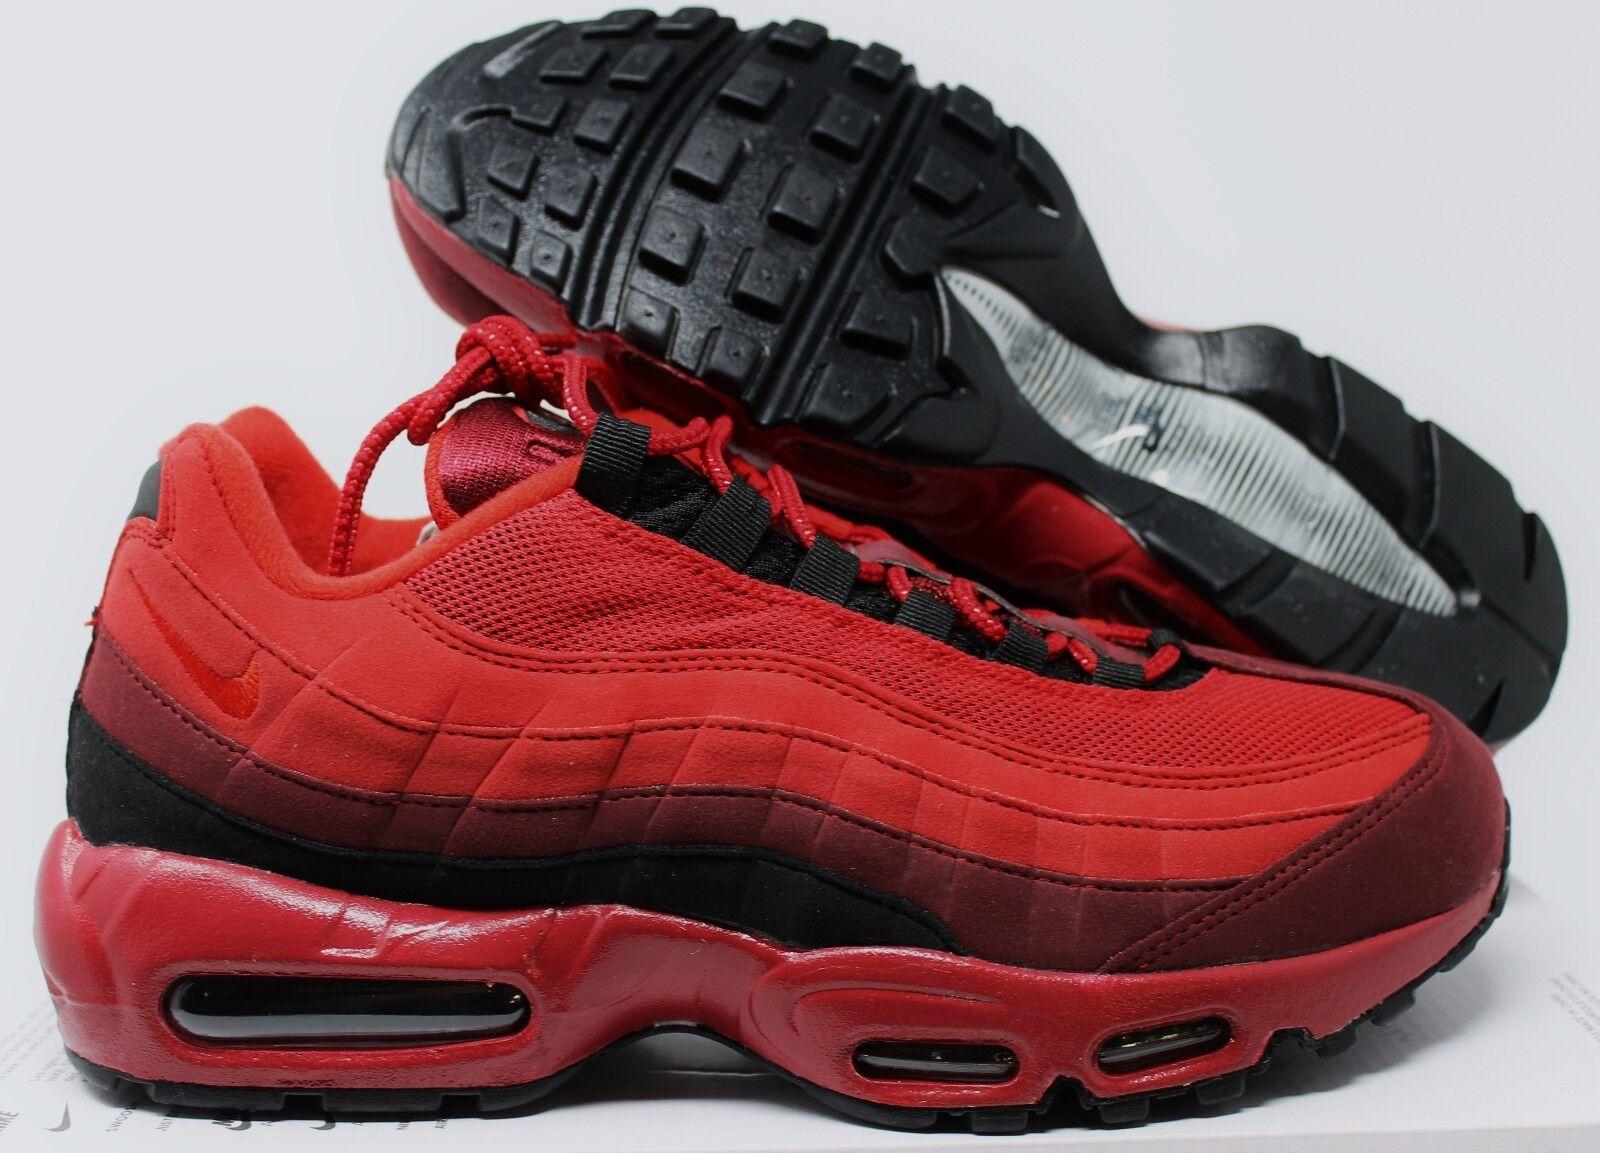 Nike Uomo Air Max 95 iD rosso-nero rosso-nero rosso-nero sz 9 [818592-996] 582df2